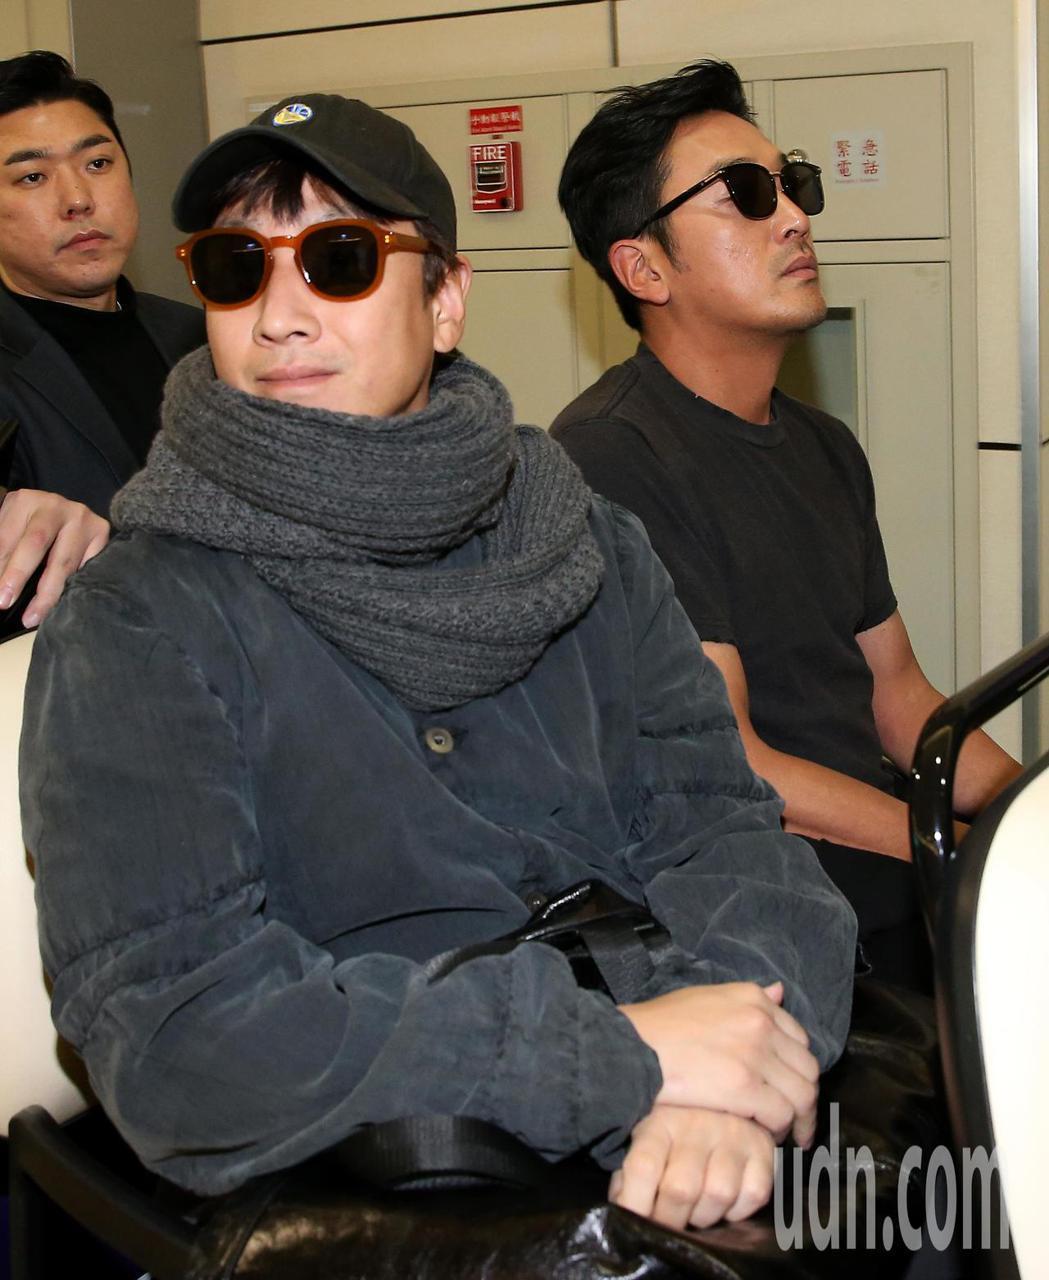 南韓影帝河正宇(右)及李善均(左)2日中午搭機抵達桃園機場。記者陳嘉寧/攝影